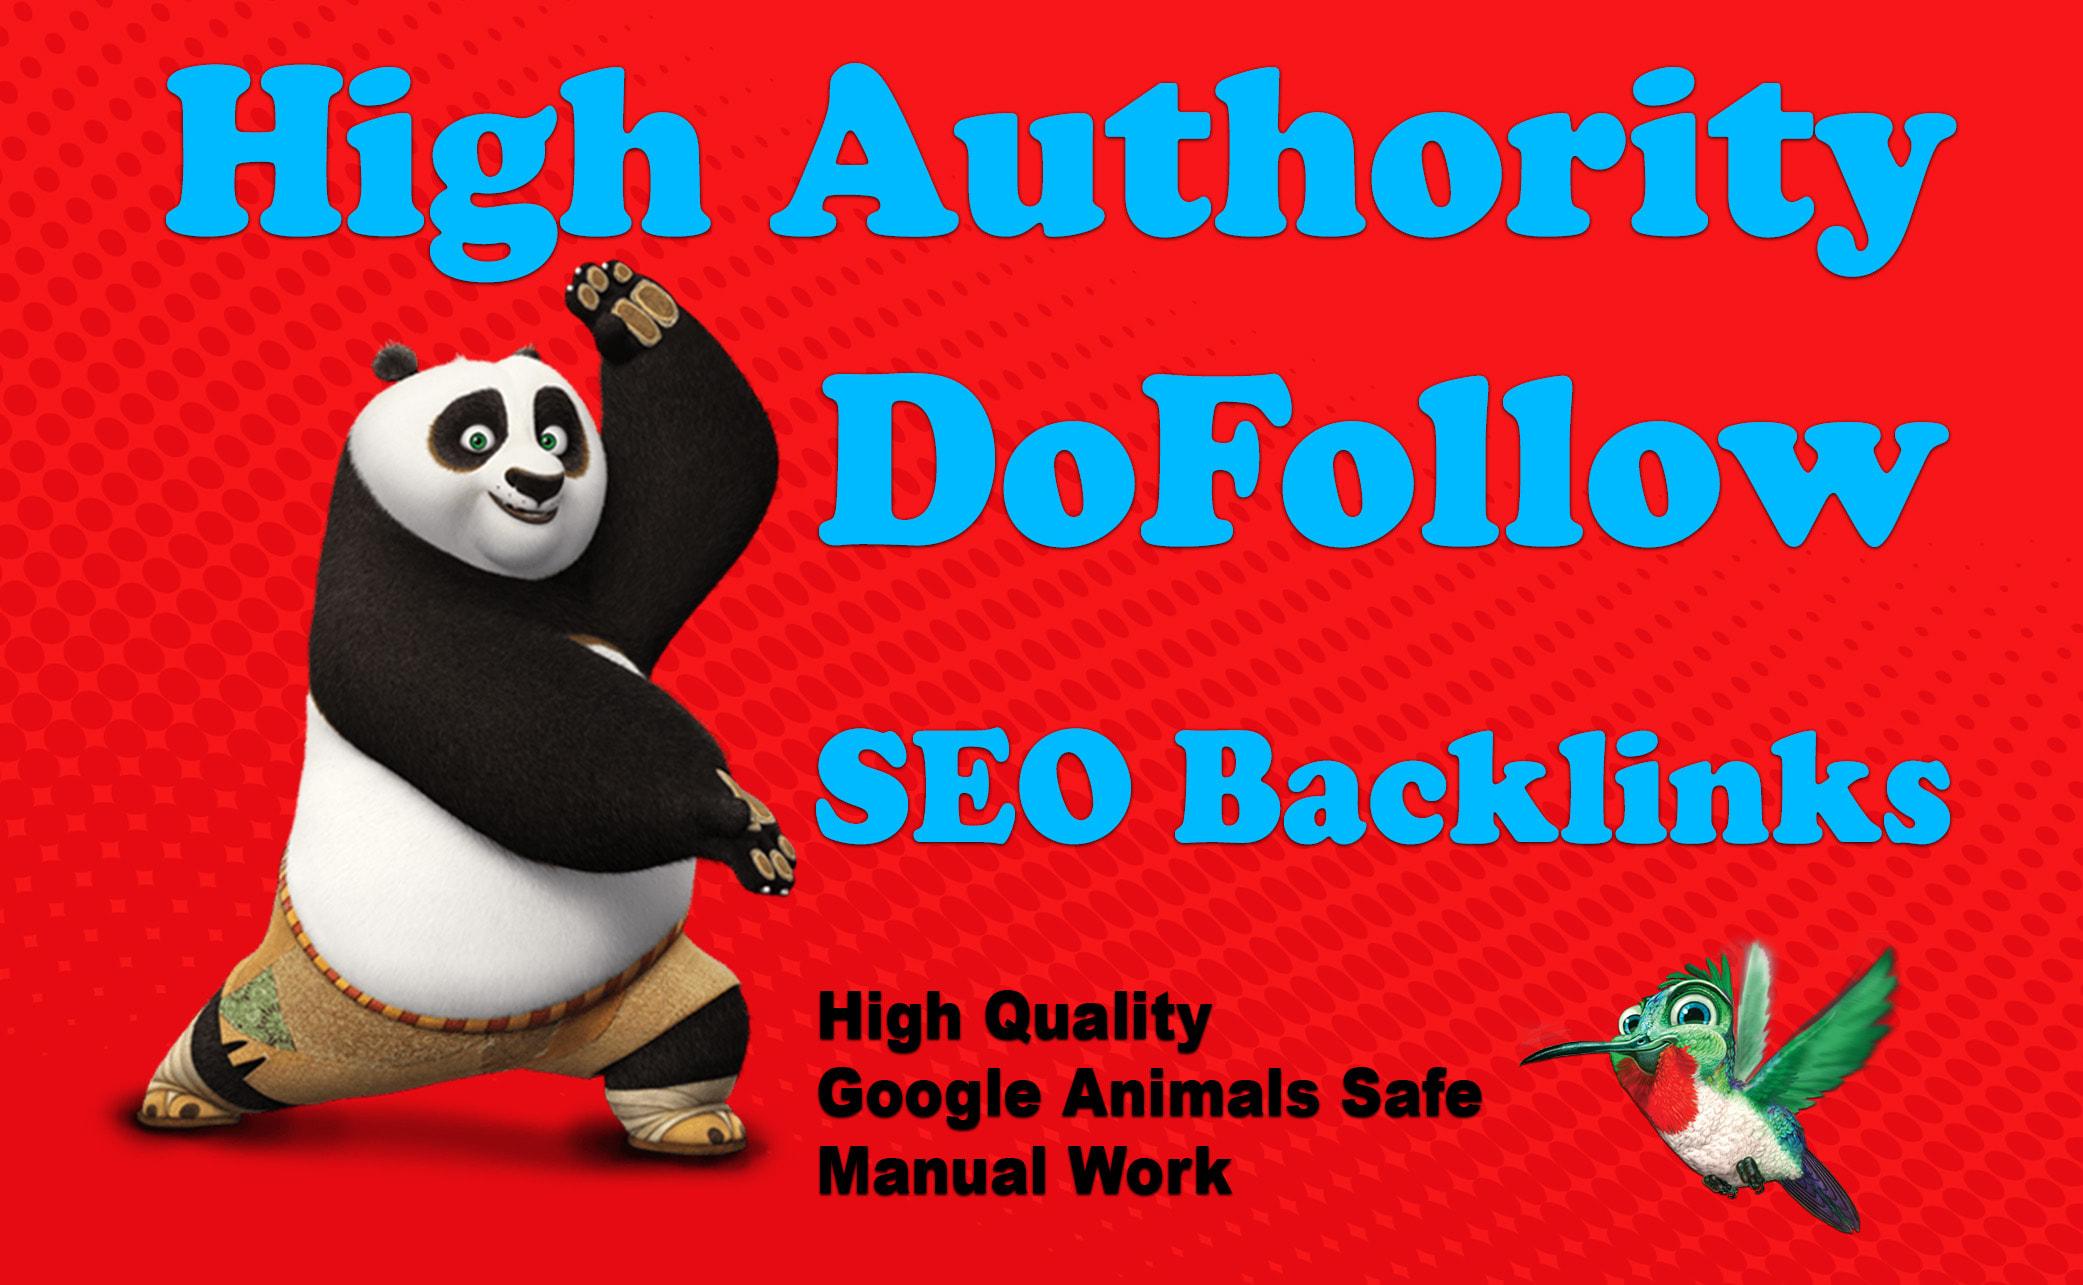 Add create da 25 dofollow seo backlinks